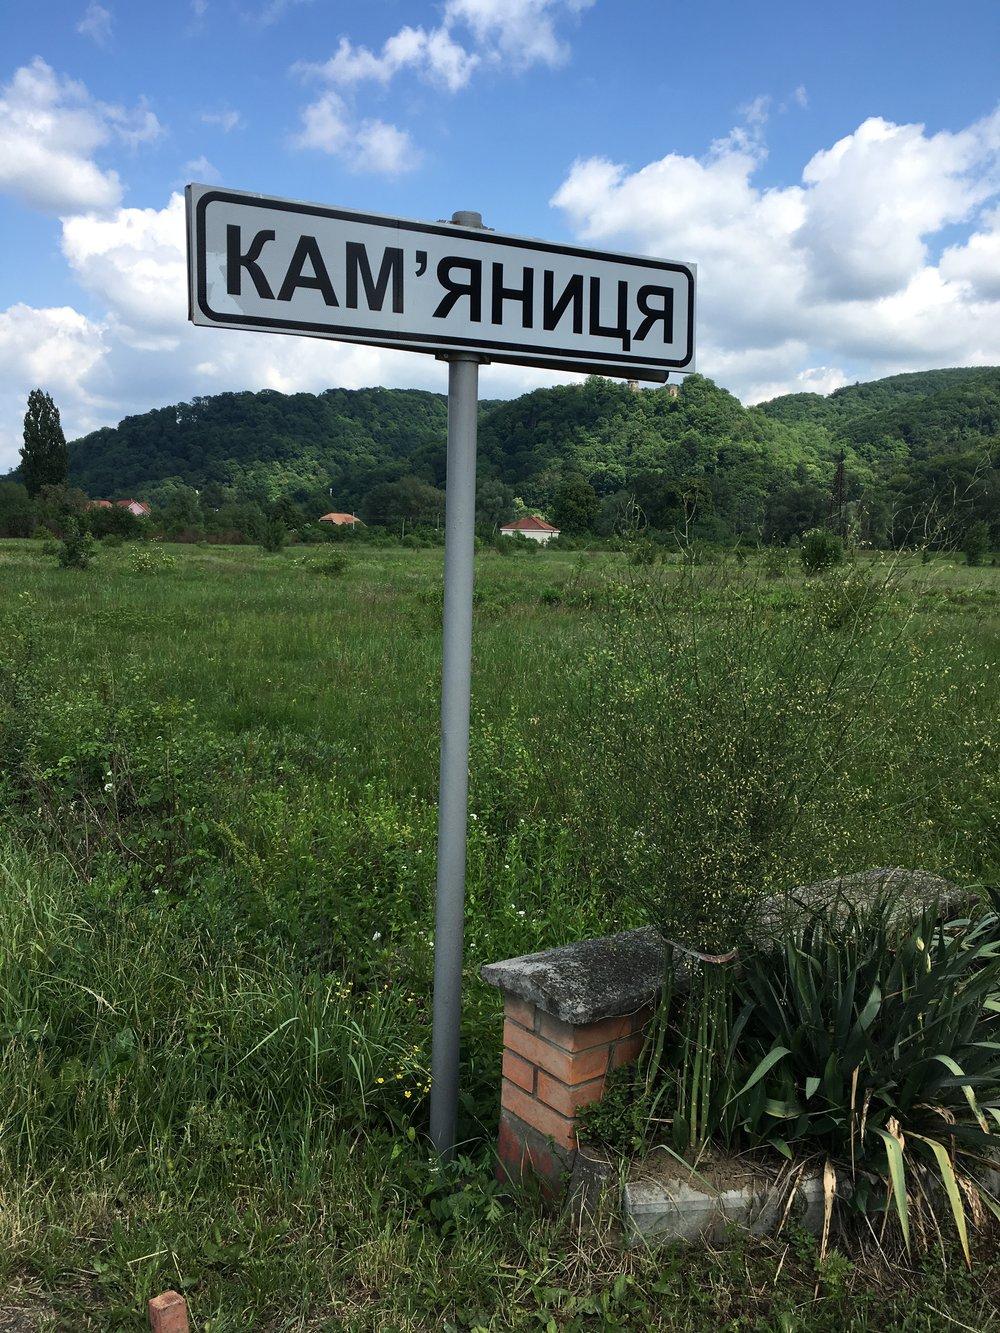 Entering Kam'yanytsya